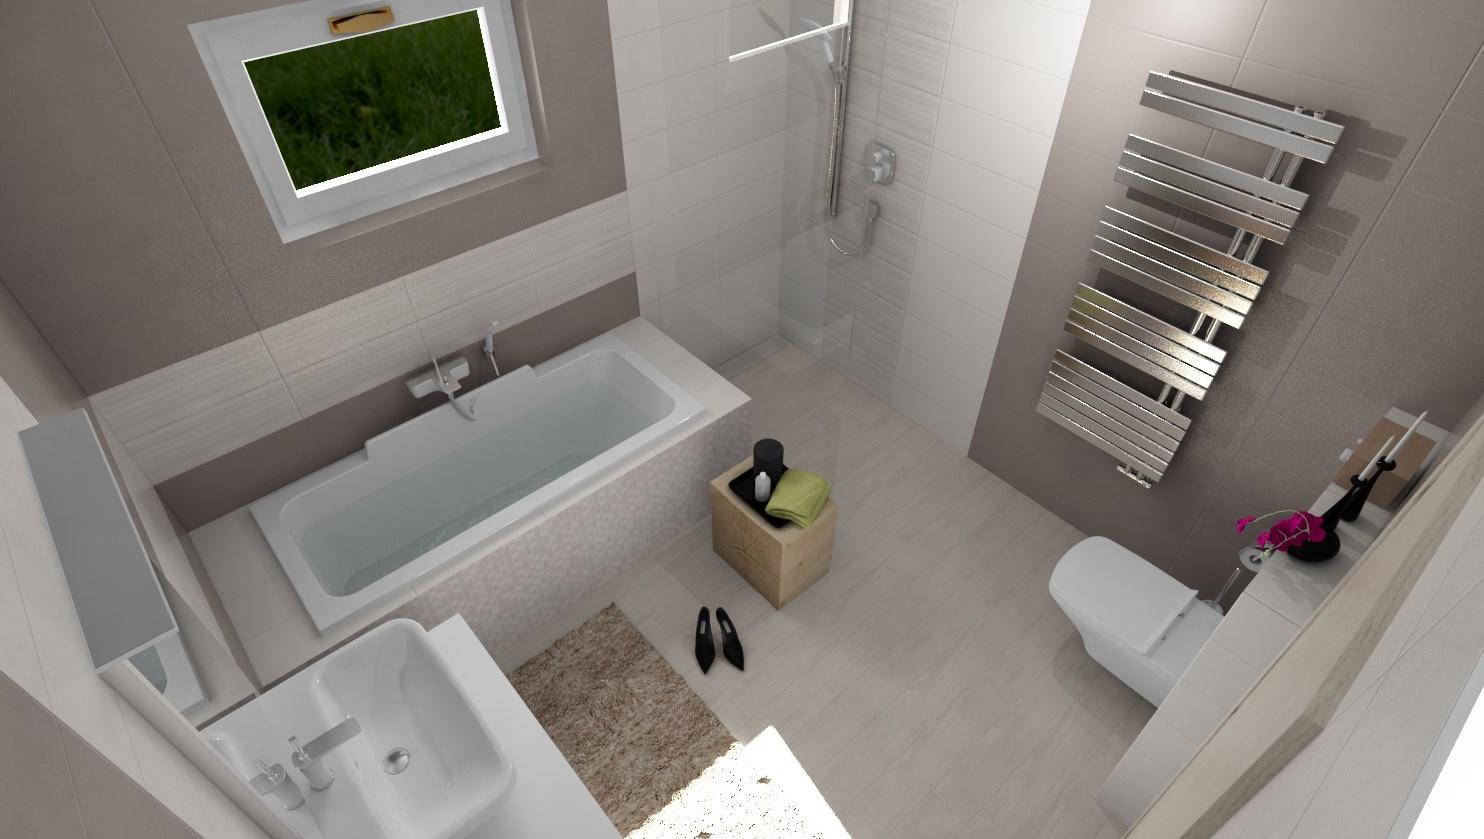 3D návrhy kúpeľní - vizualizácie - Vizualizácia kúpeľne 2,8 x 2,9 m - Obklad béžová /sivohnedá 20x50 cm  - www.beneva.sk